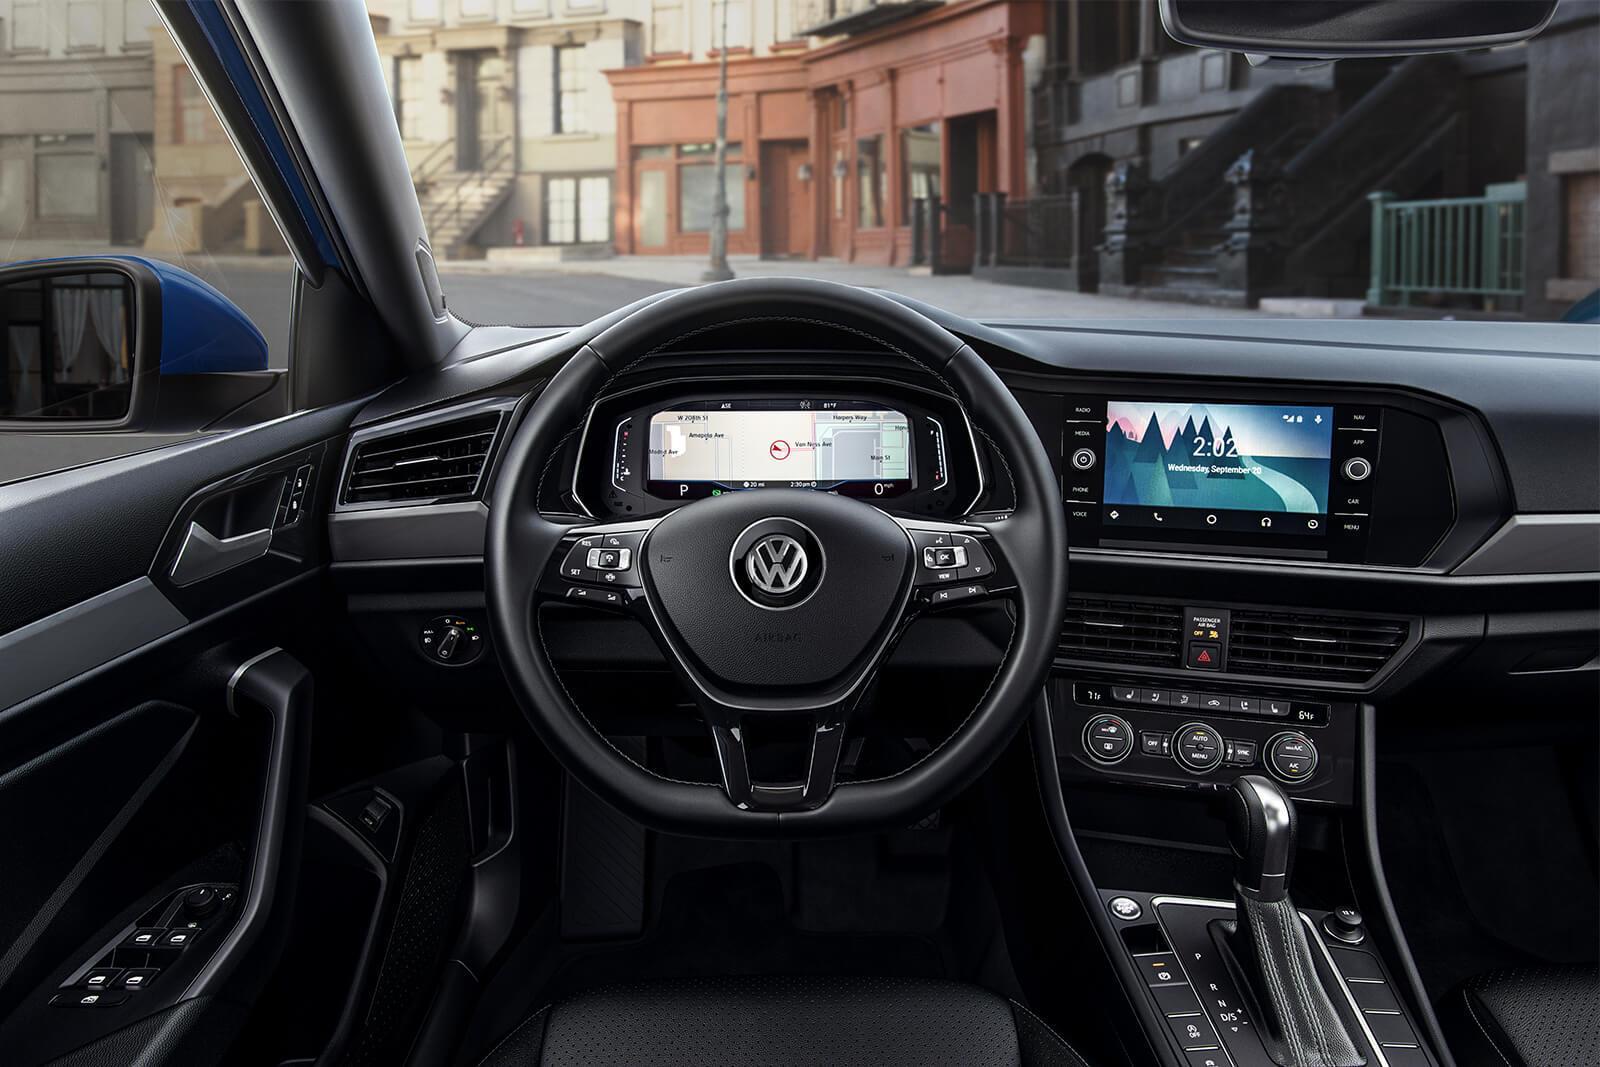 El diseño interior del Volkswagen Jetta 2019 es moderno y sofisticado